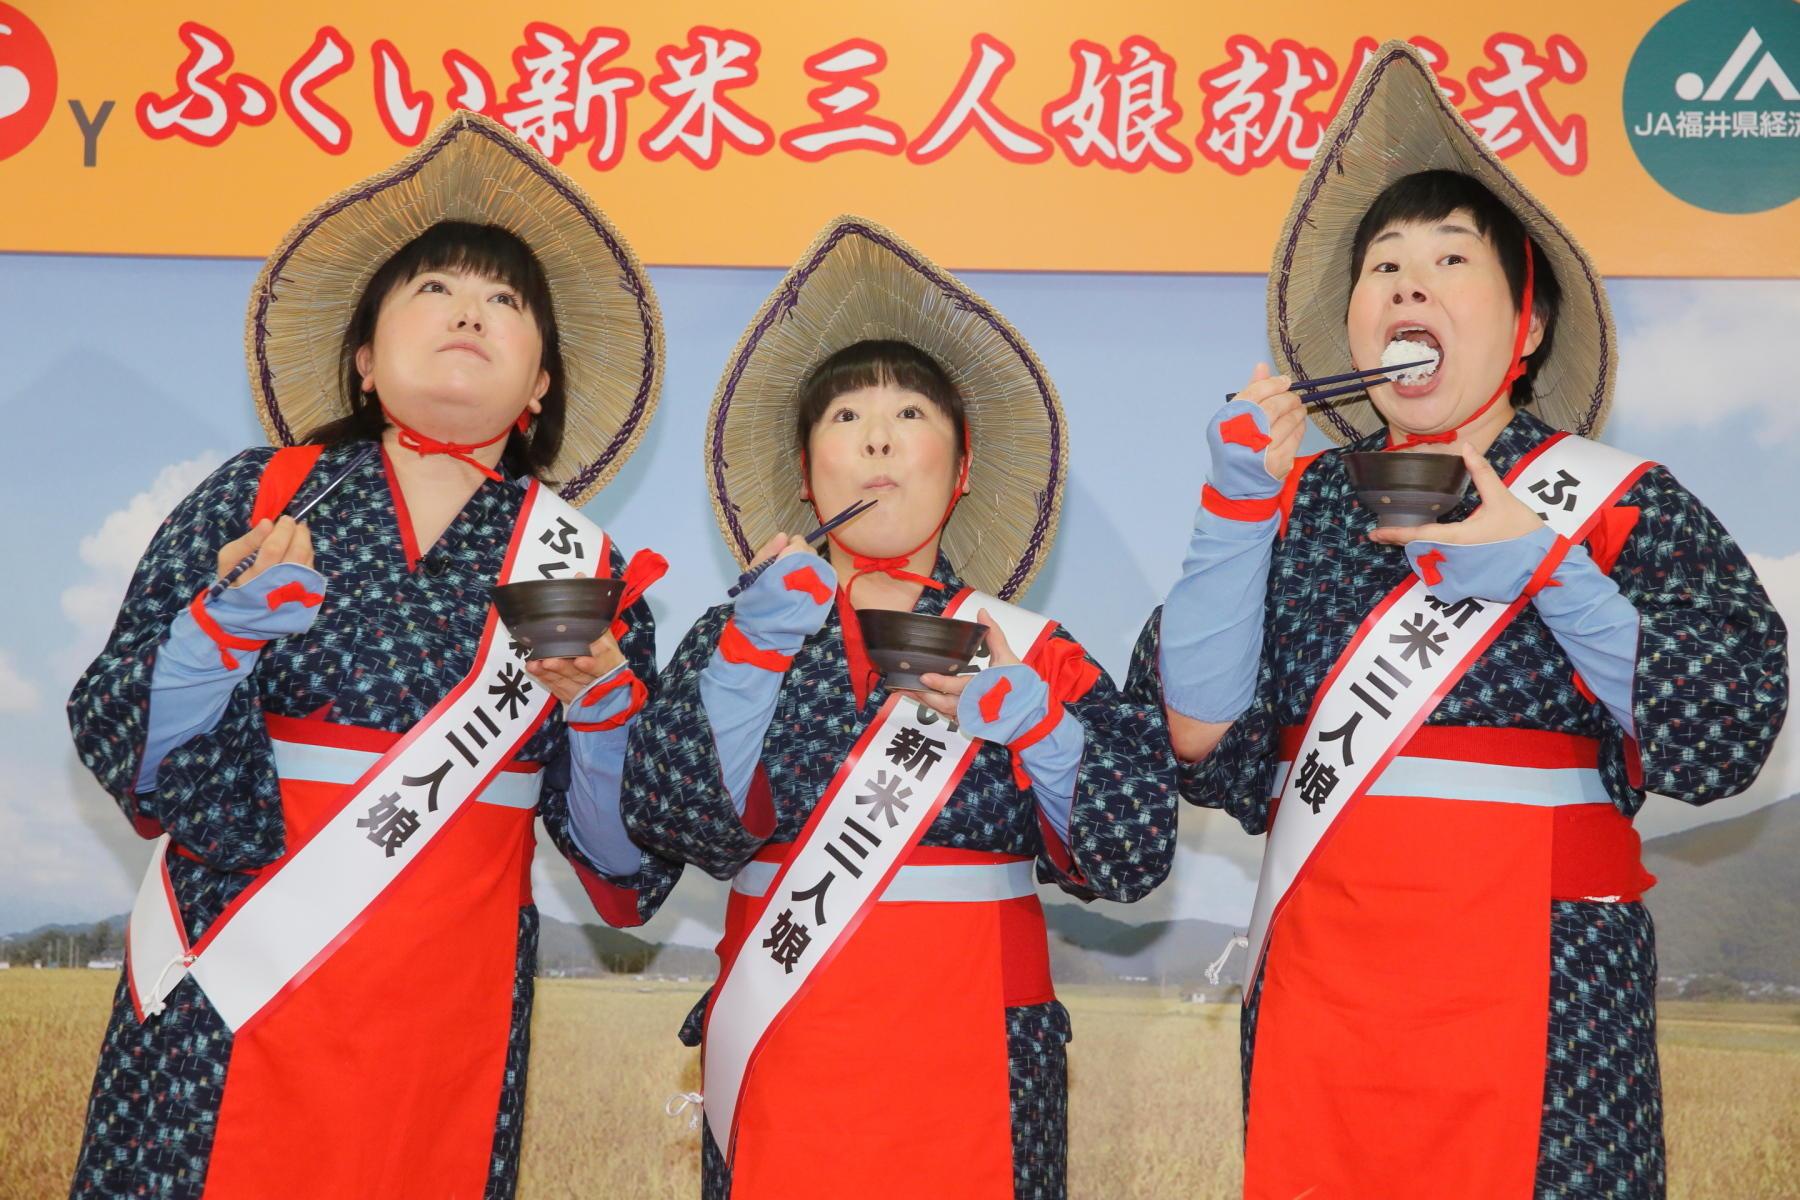 http://news.yoshimoto.co.jp/20160831144053-3f5f76f30df06e662f19d61bf1827897e777ad13.jpg